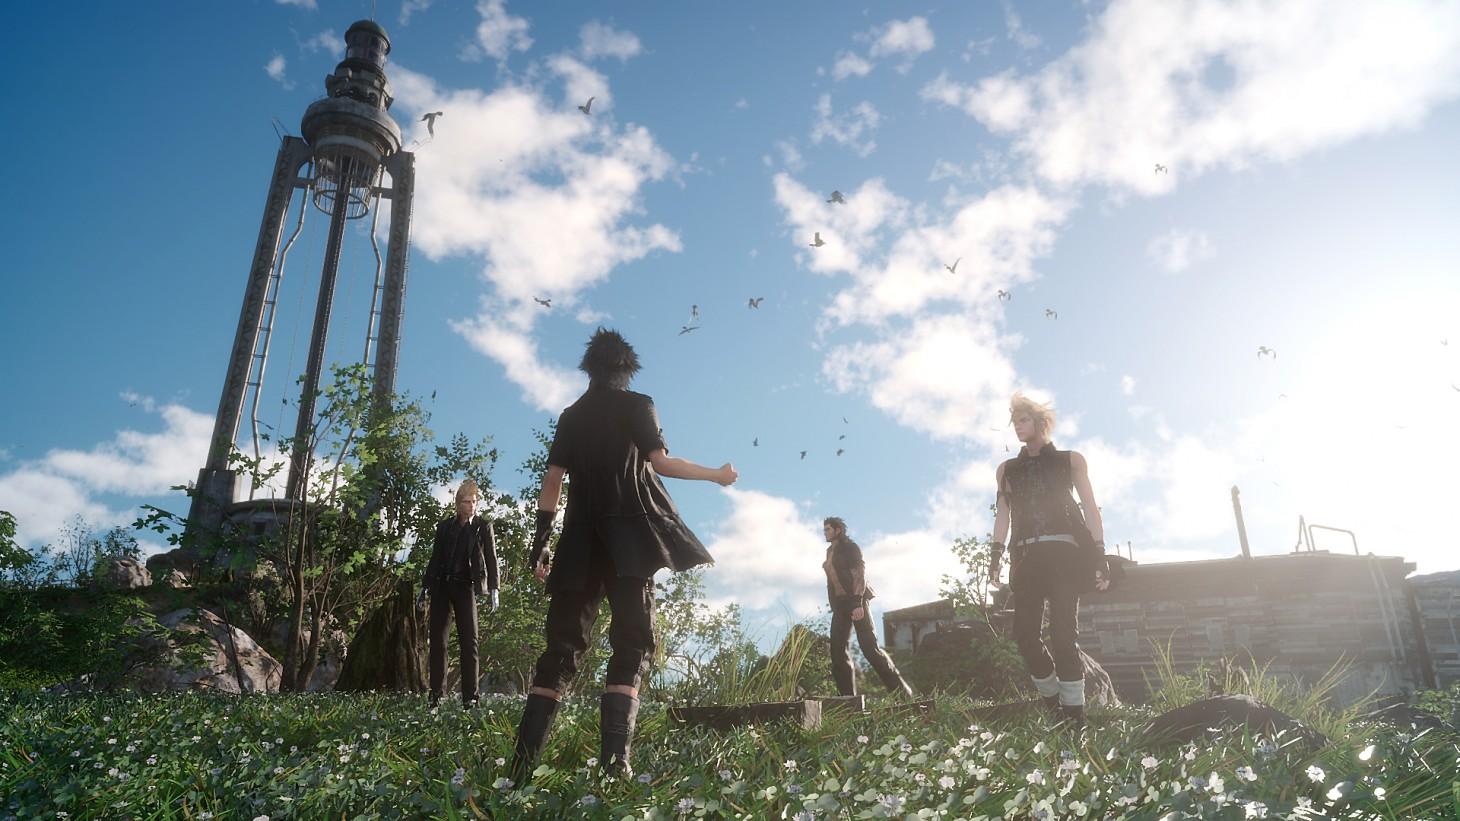 SE总裁:《最终幻想15》为系列知名度做出了巨大贡献